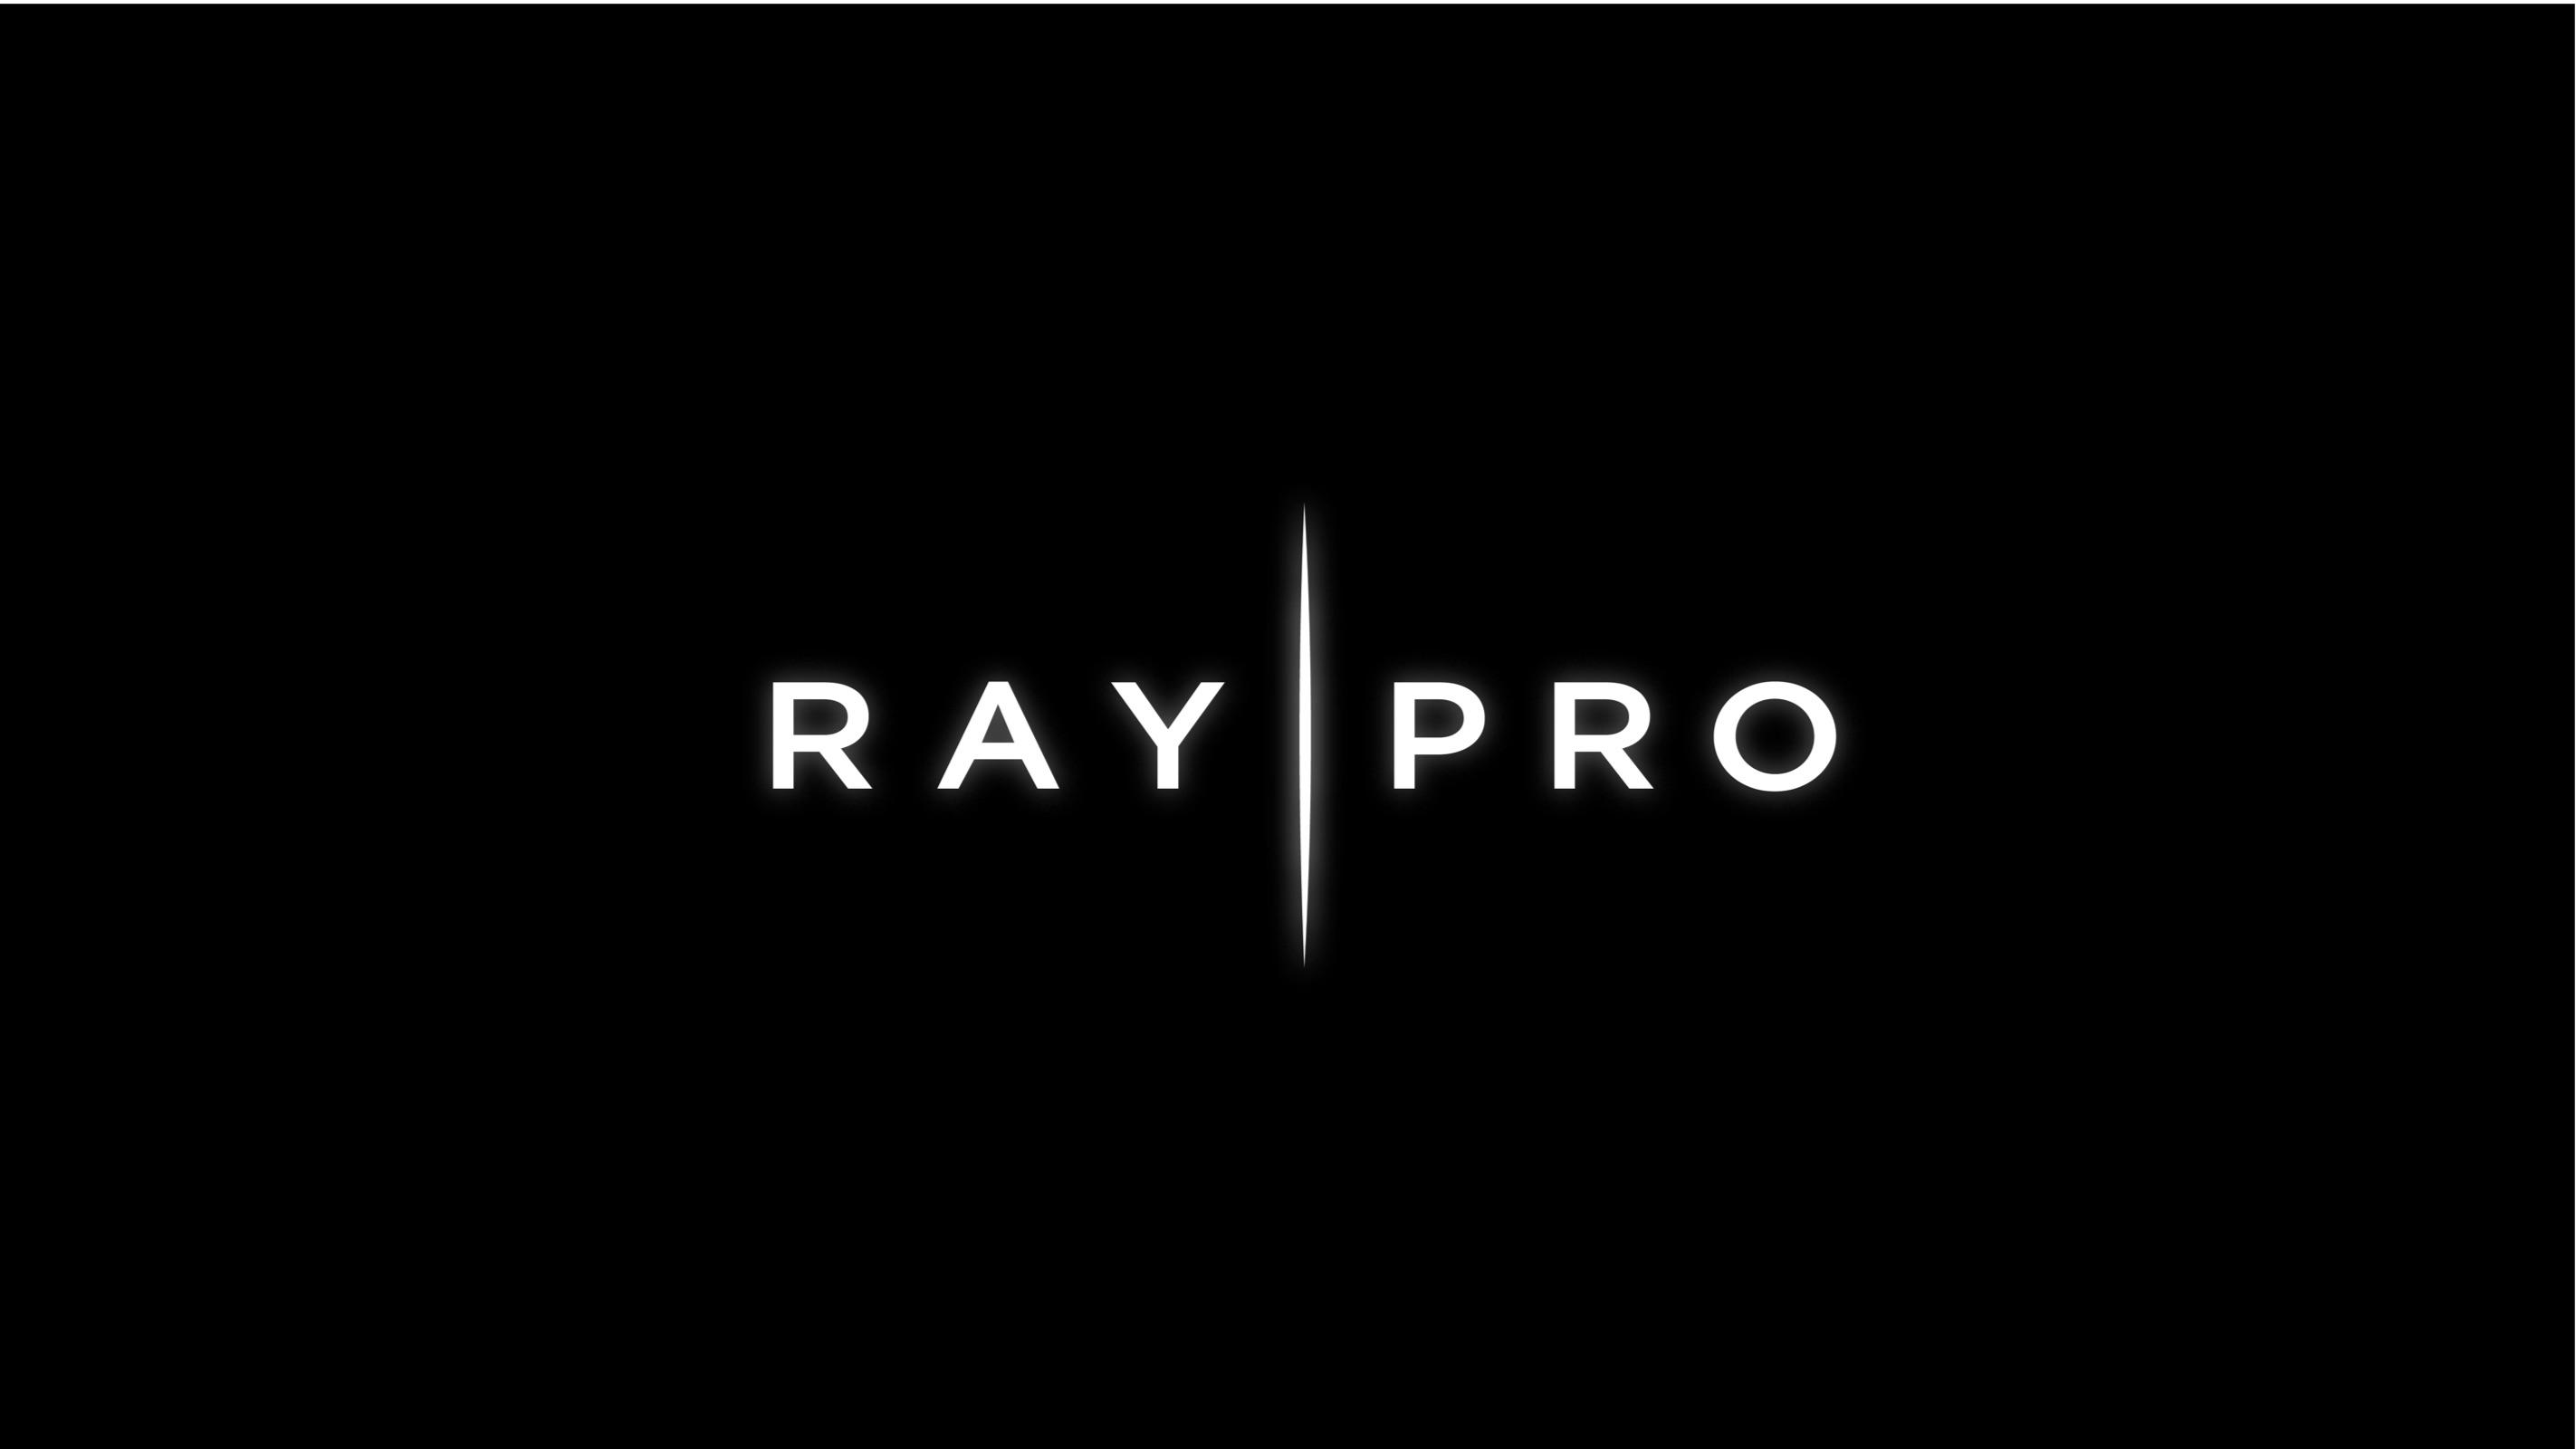 Разработка логотипа (продукт - светодиодная лента) фото f_3905bbf1b941cf78.jpg